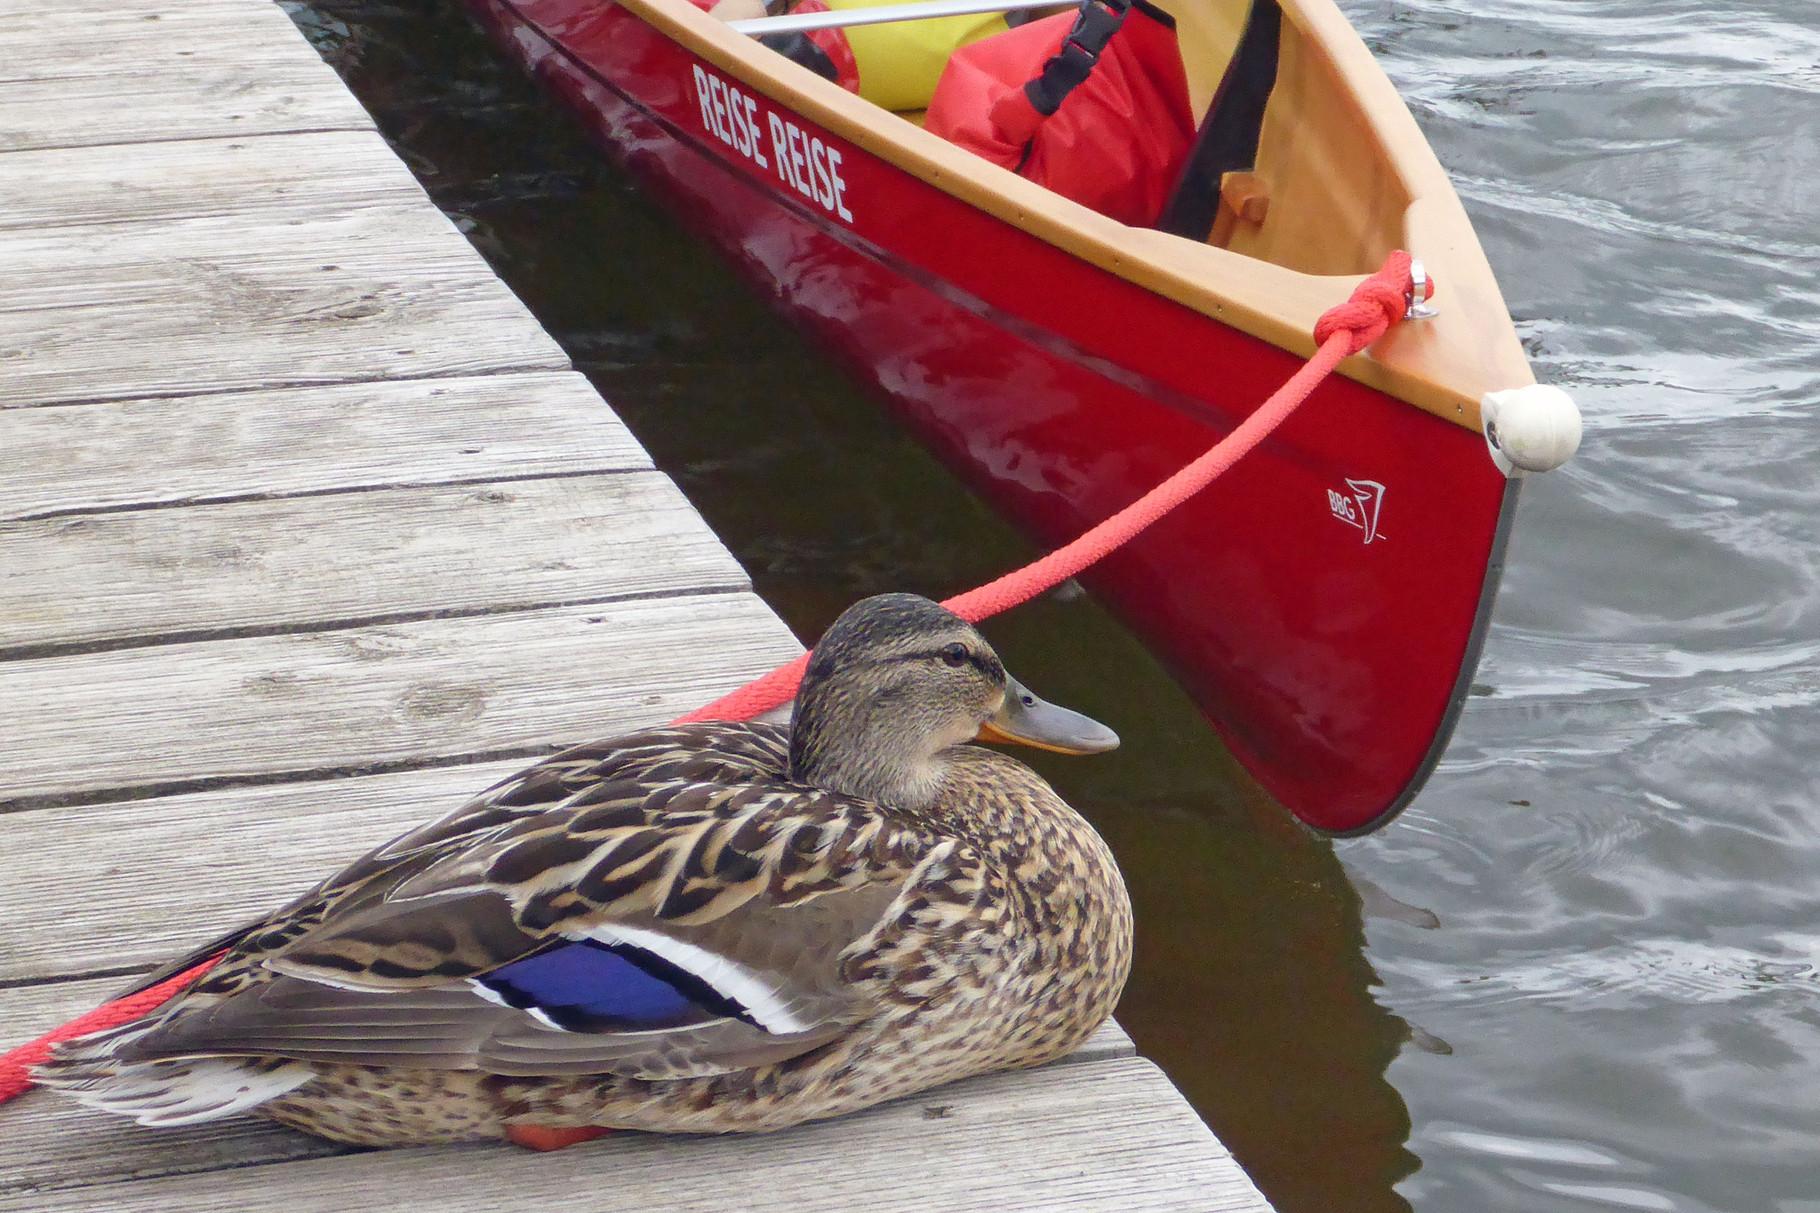 Die Ente bewachte Reise Reise.